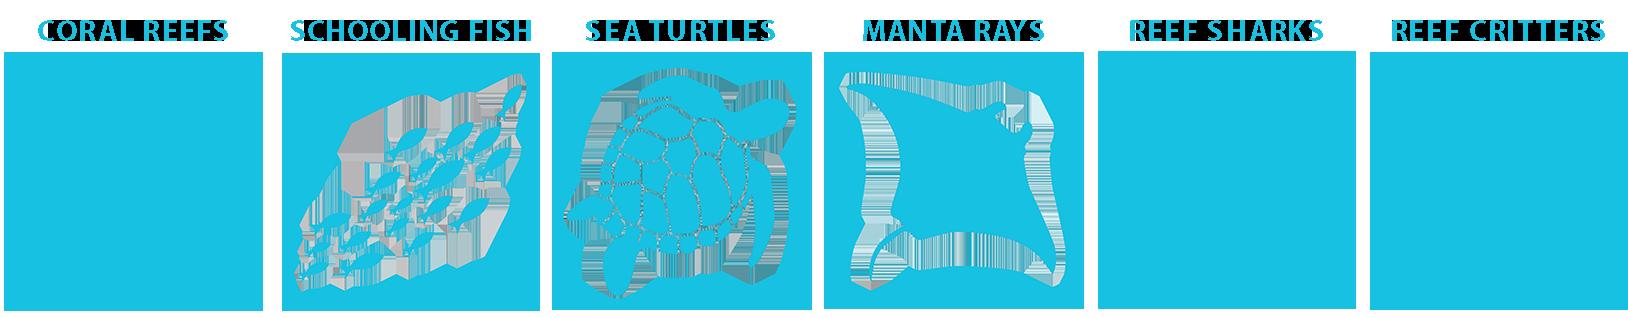 marine life guide Raja ampat